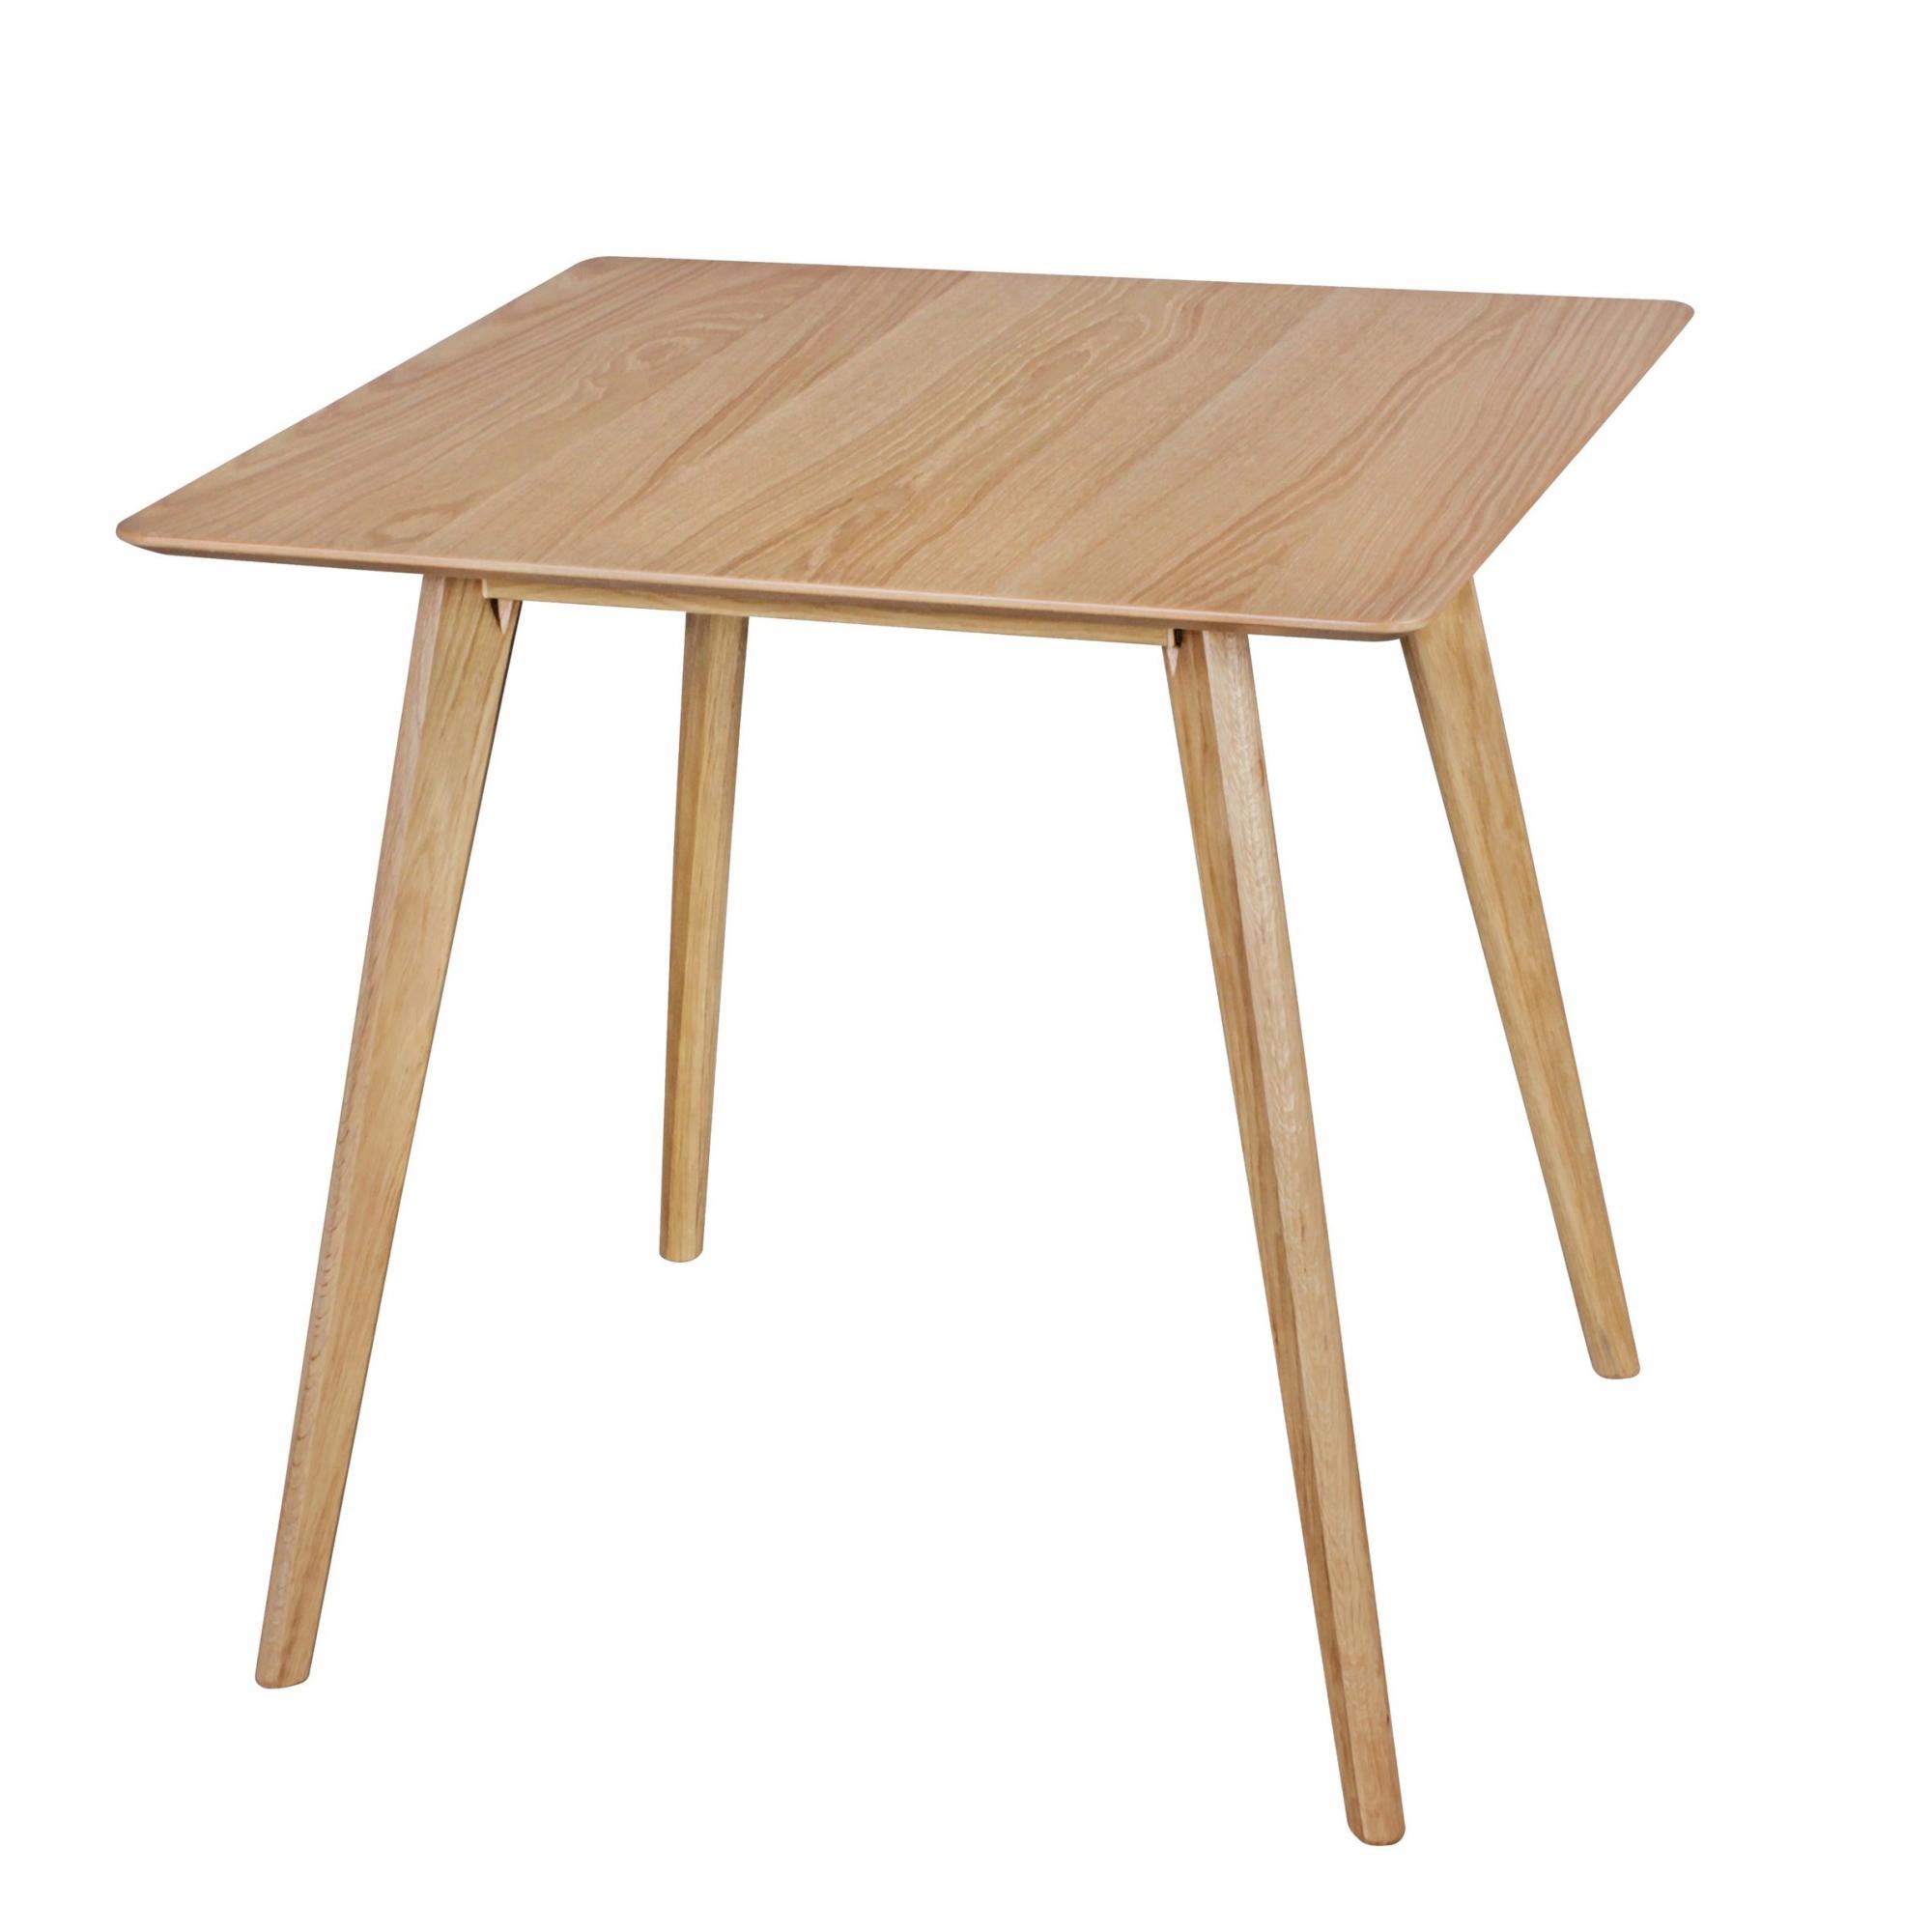 Jídelní stůl Skara, 80 cm, dub